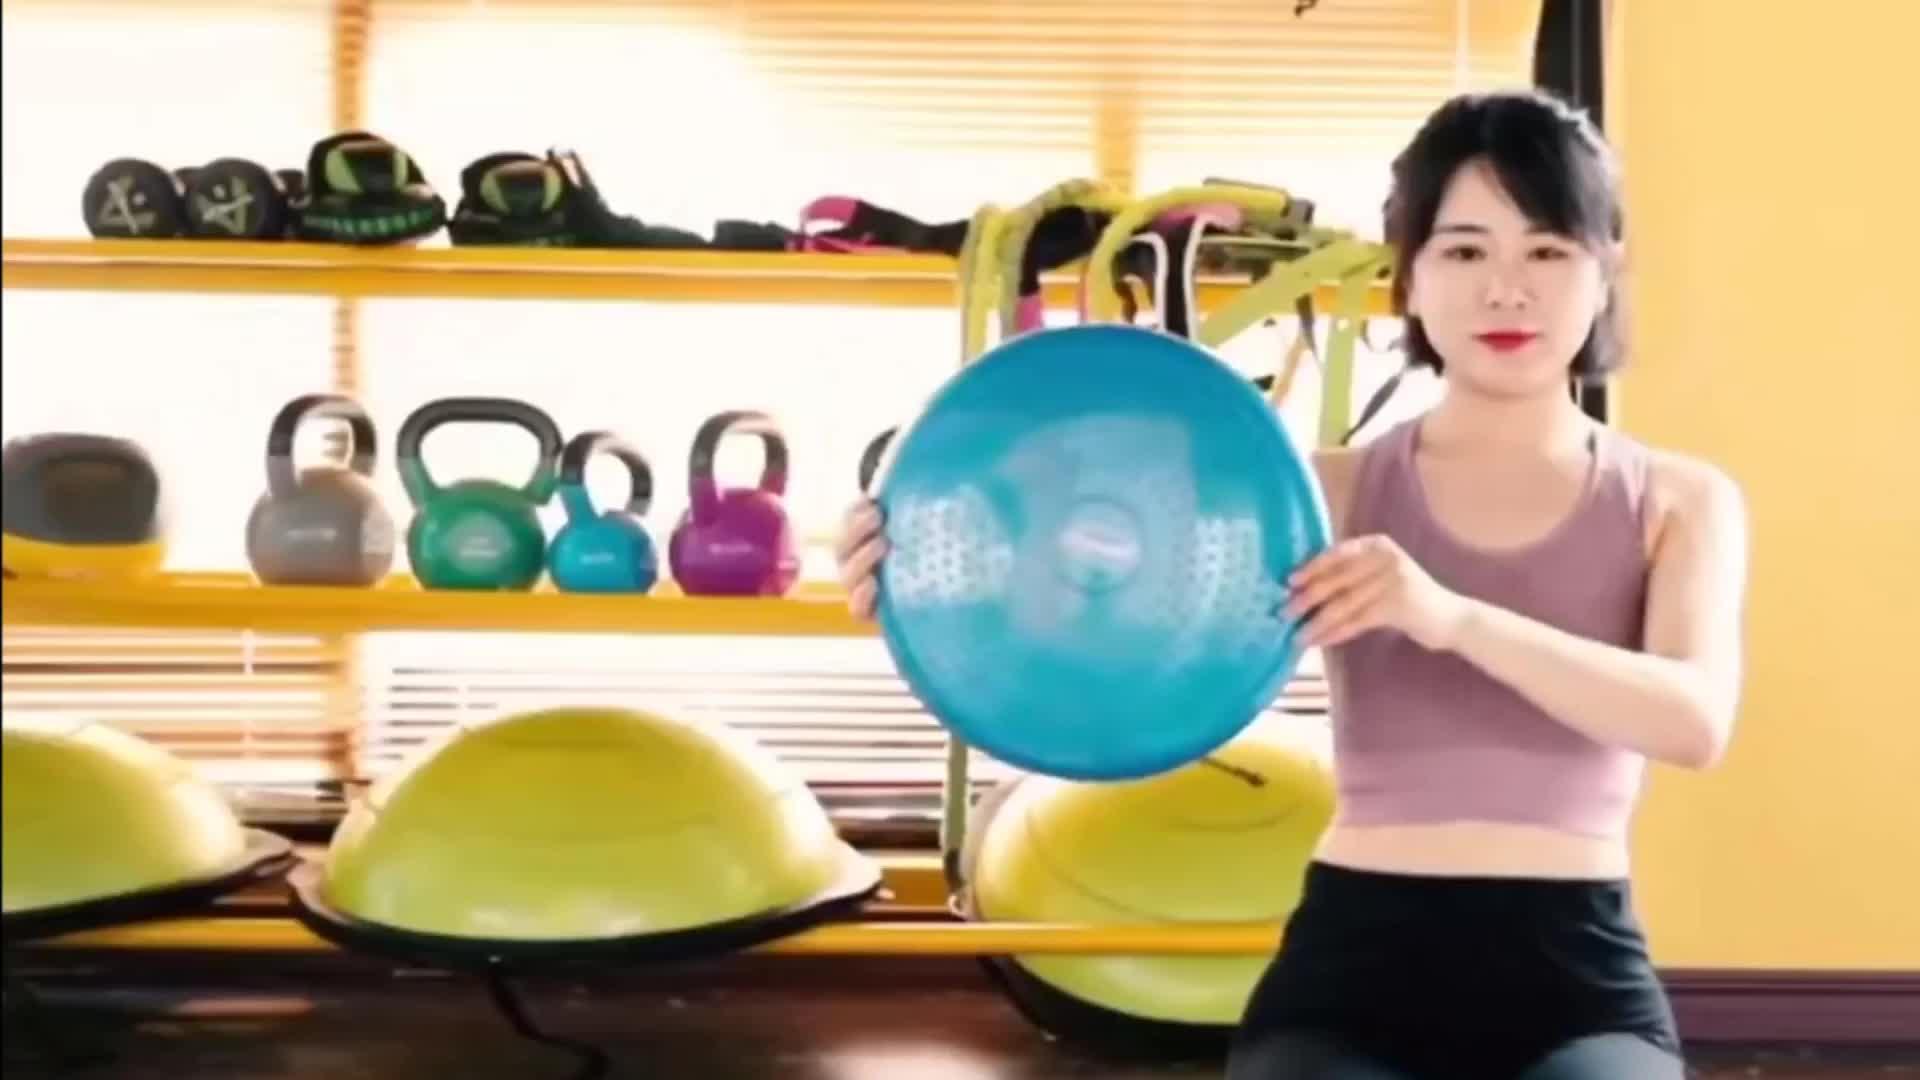 Förderung Preis Pvc Aufblasbare Massage Wobble Balance Disc Luft Sitzkissen